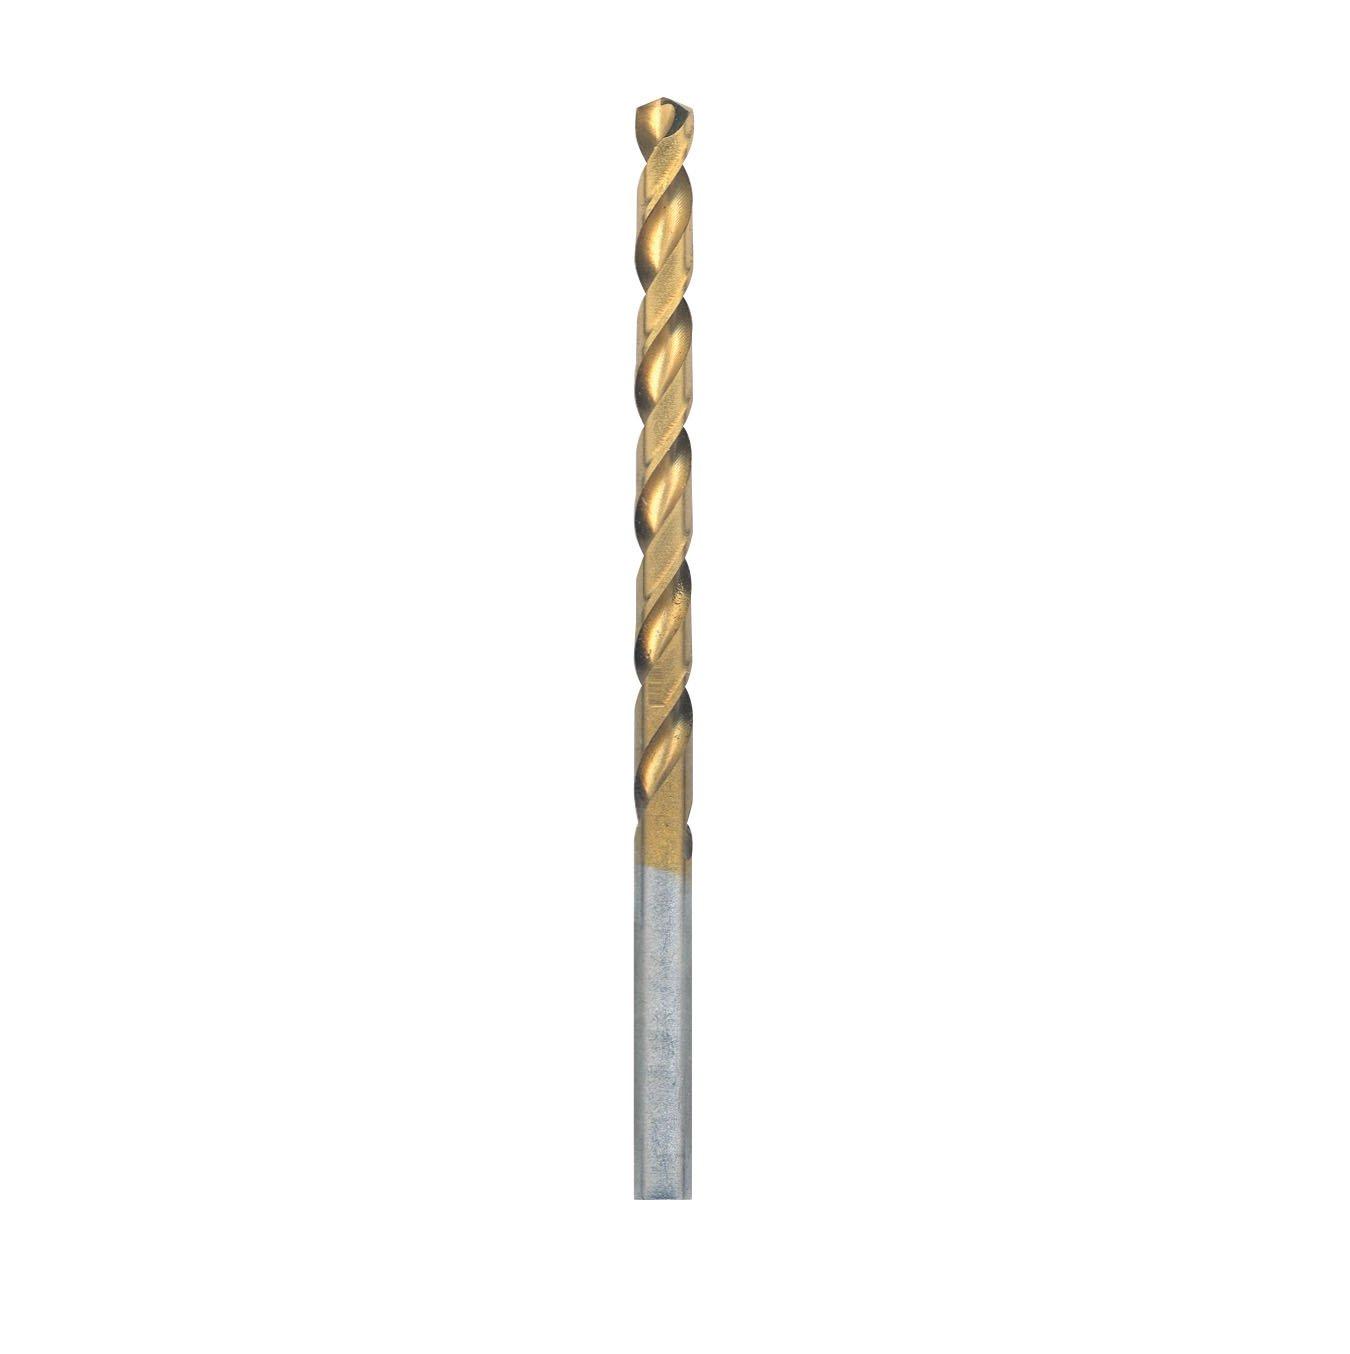 Bosch TI4138 12-Piece 11/64 In. x 3-1/4 In. Titanium-Coated Drill Bit